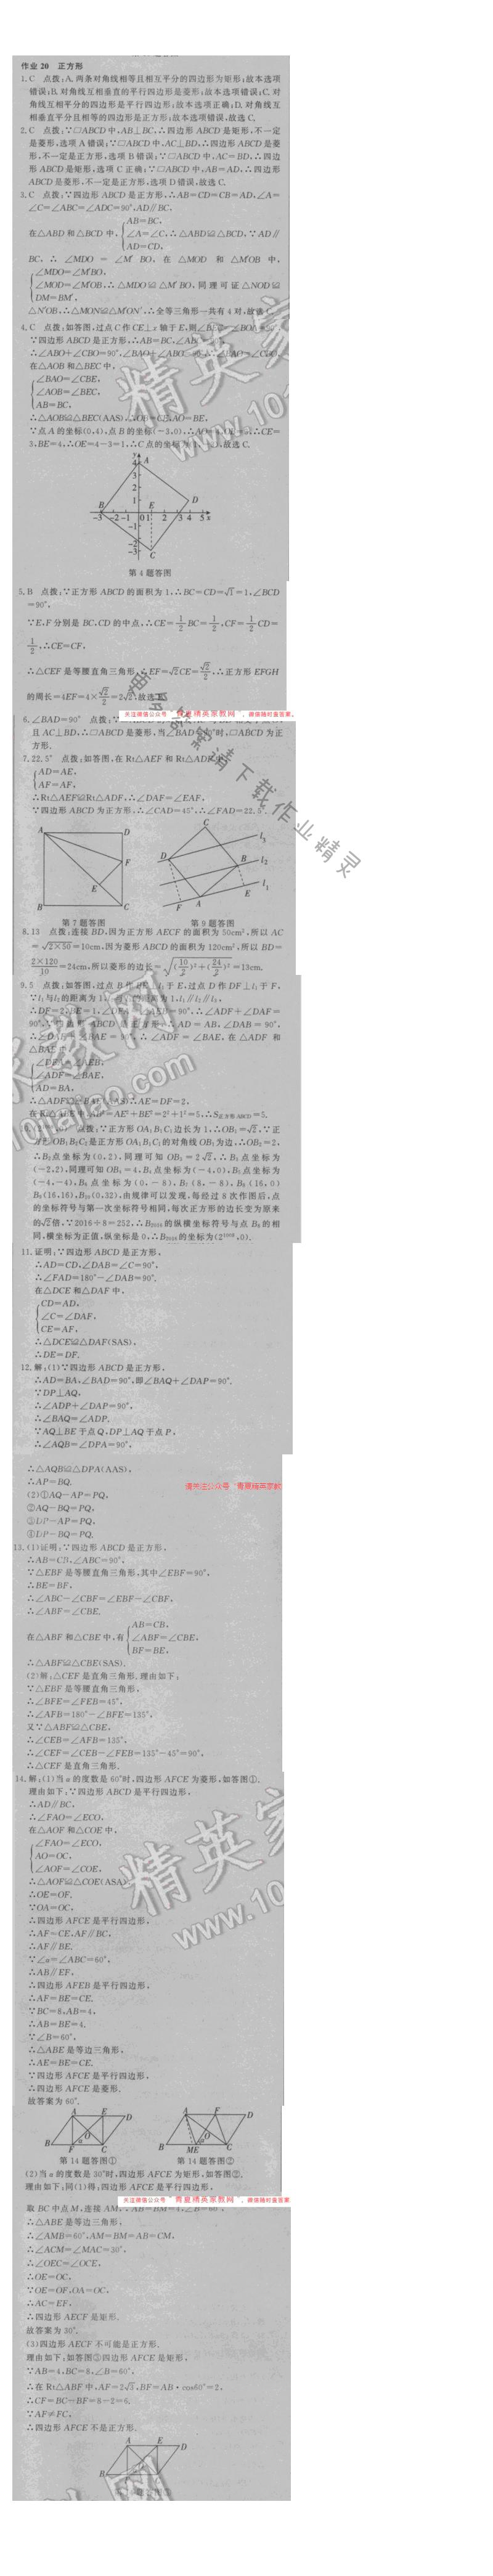 2016年启东中学作业本八年级数学下册江苏版 第九章 作业20